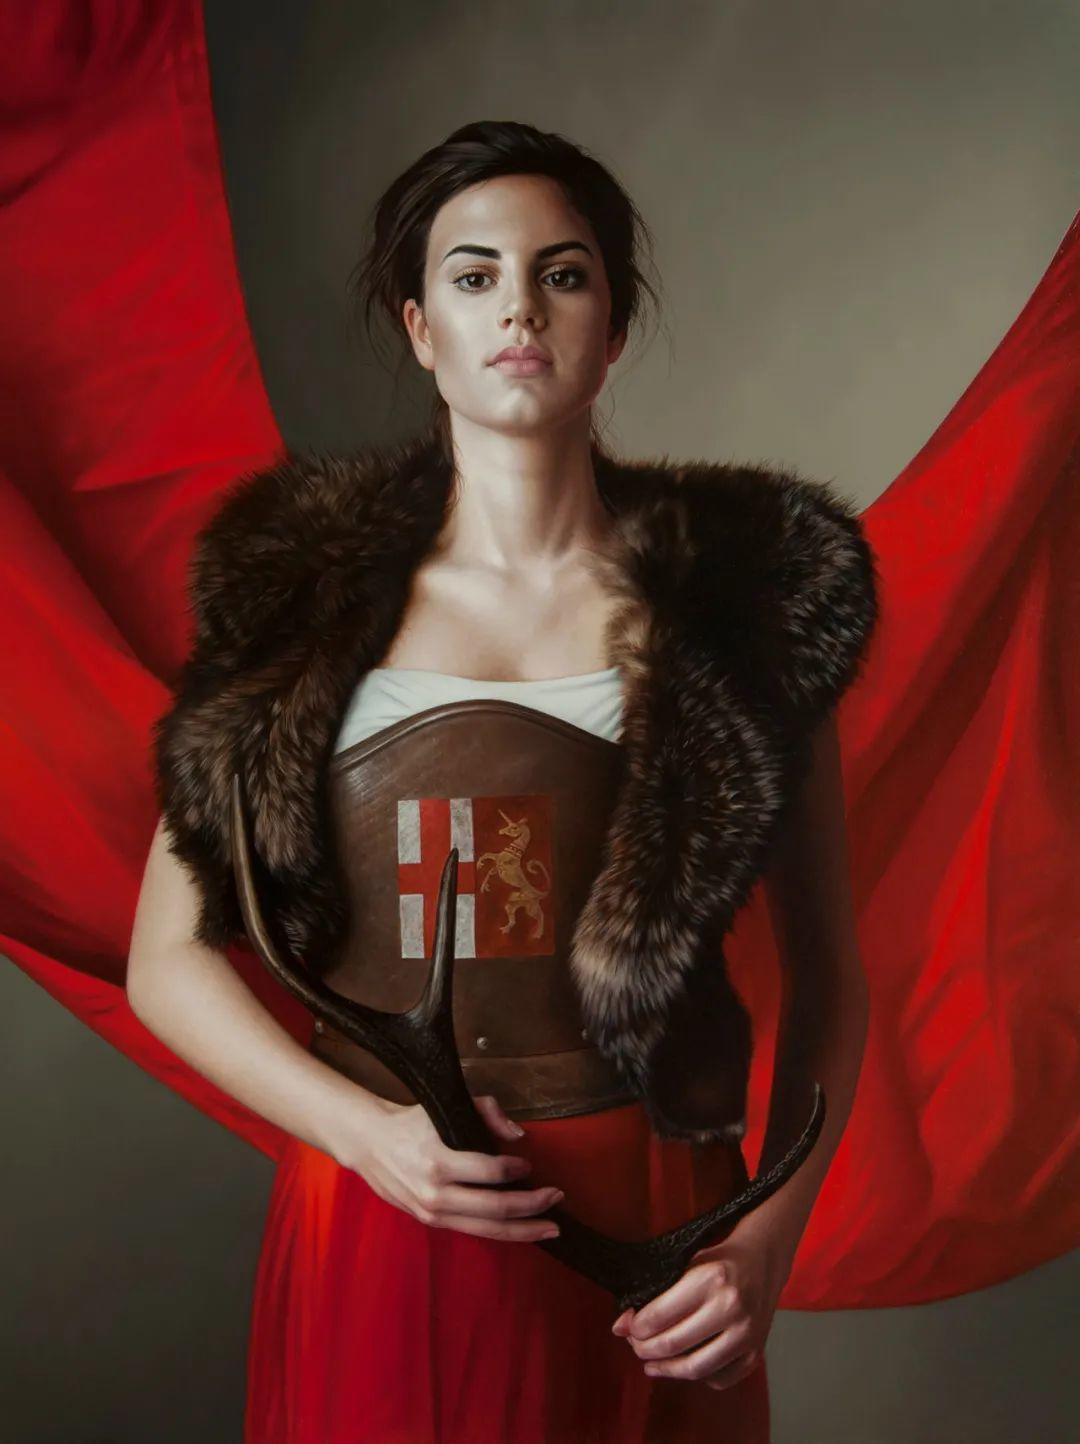 玛丽·简·安塞尔,时尚的女性肖像。插图49